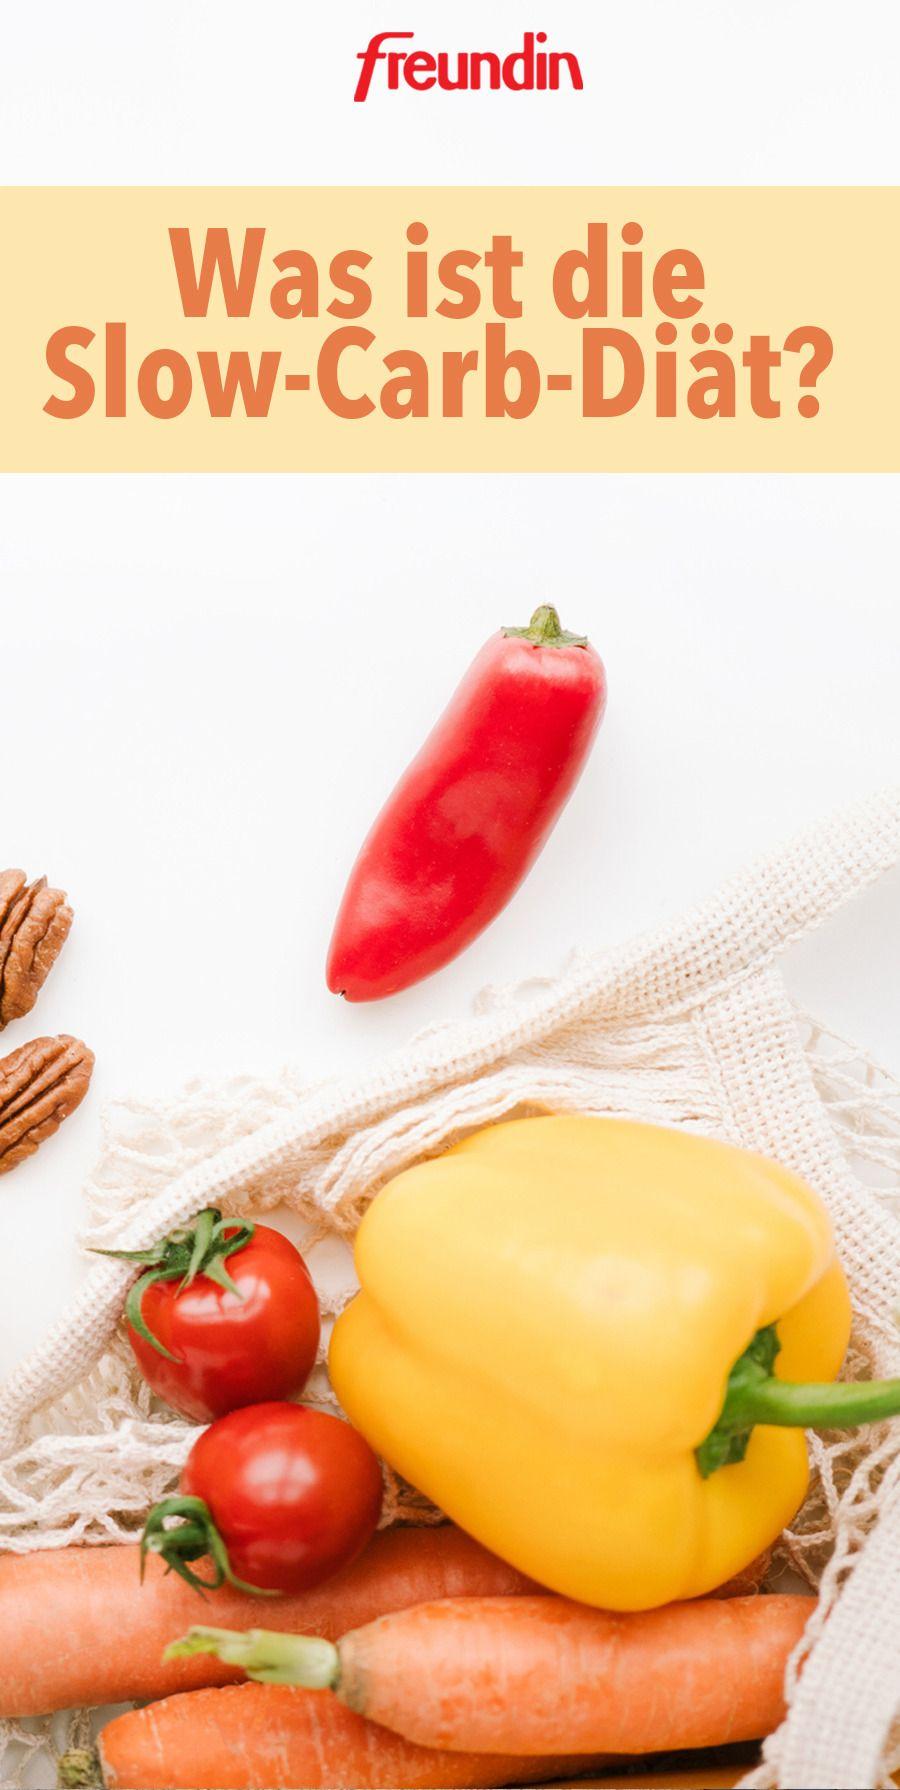 Die Malagueta, um Gewicht zu verlieren